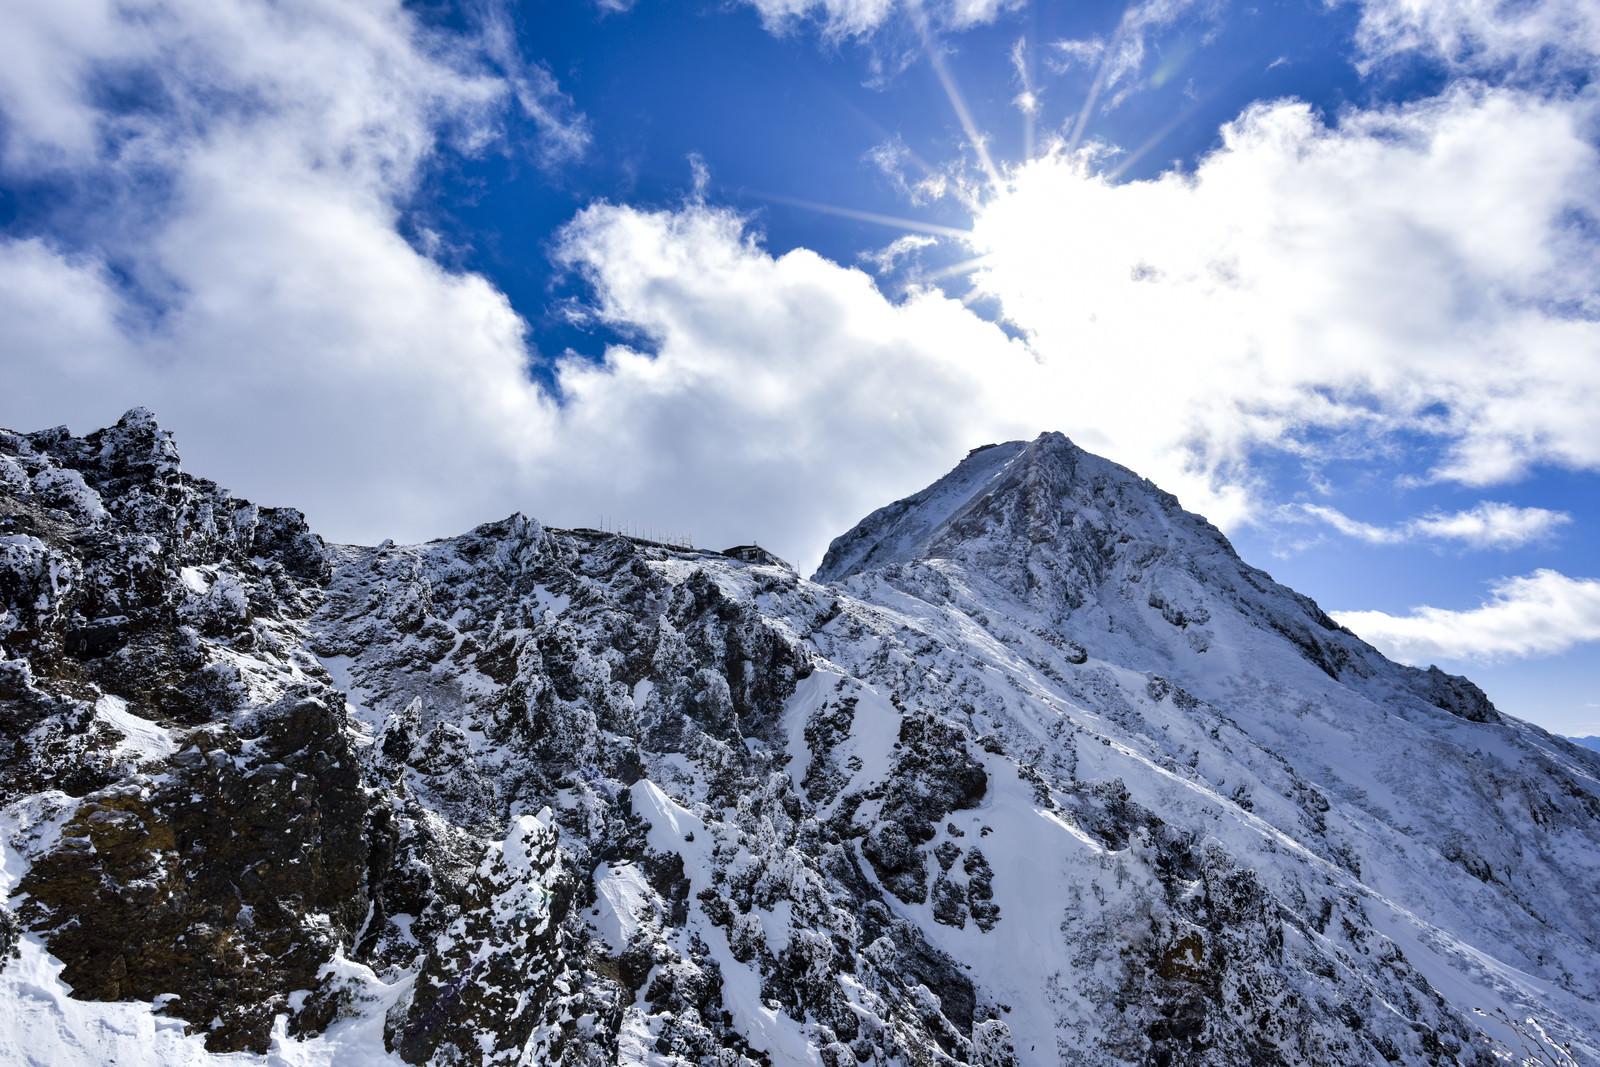 「冬の地蔵尾根稜線側から見る山荘と山頂」の写真